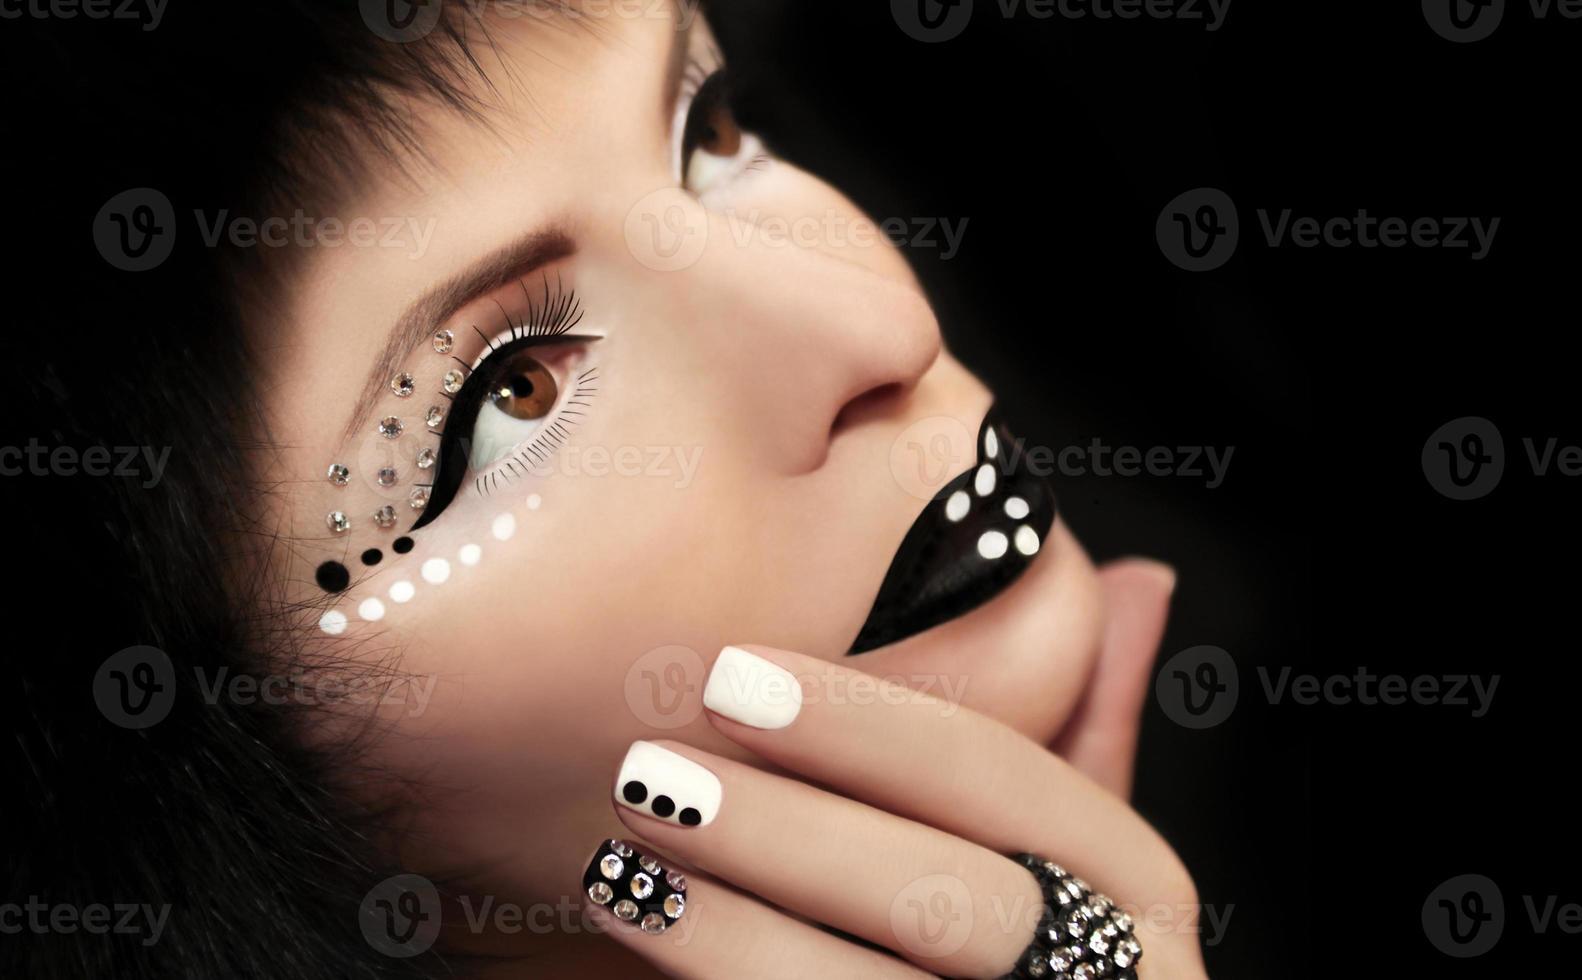 Maquillaje y manicura con pedrería. foto